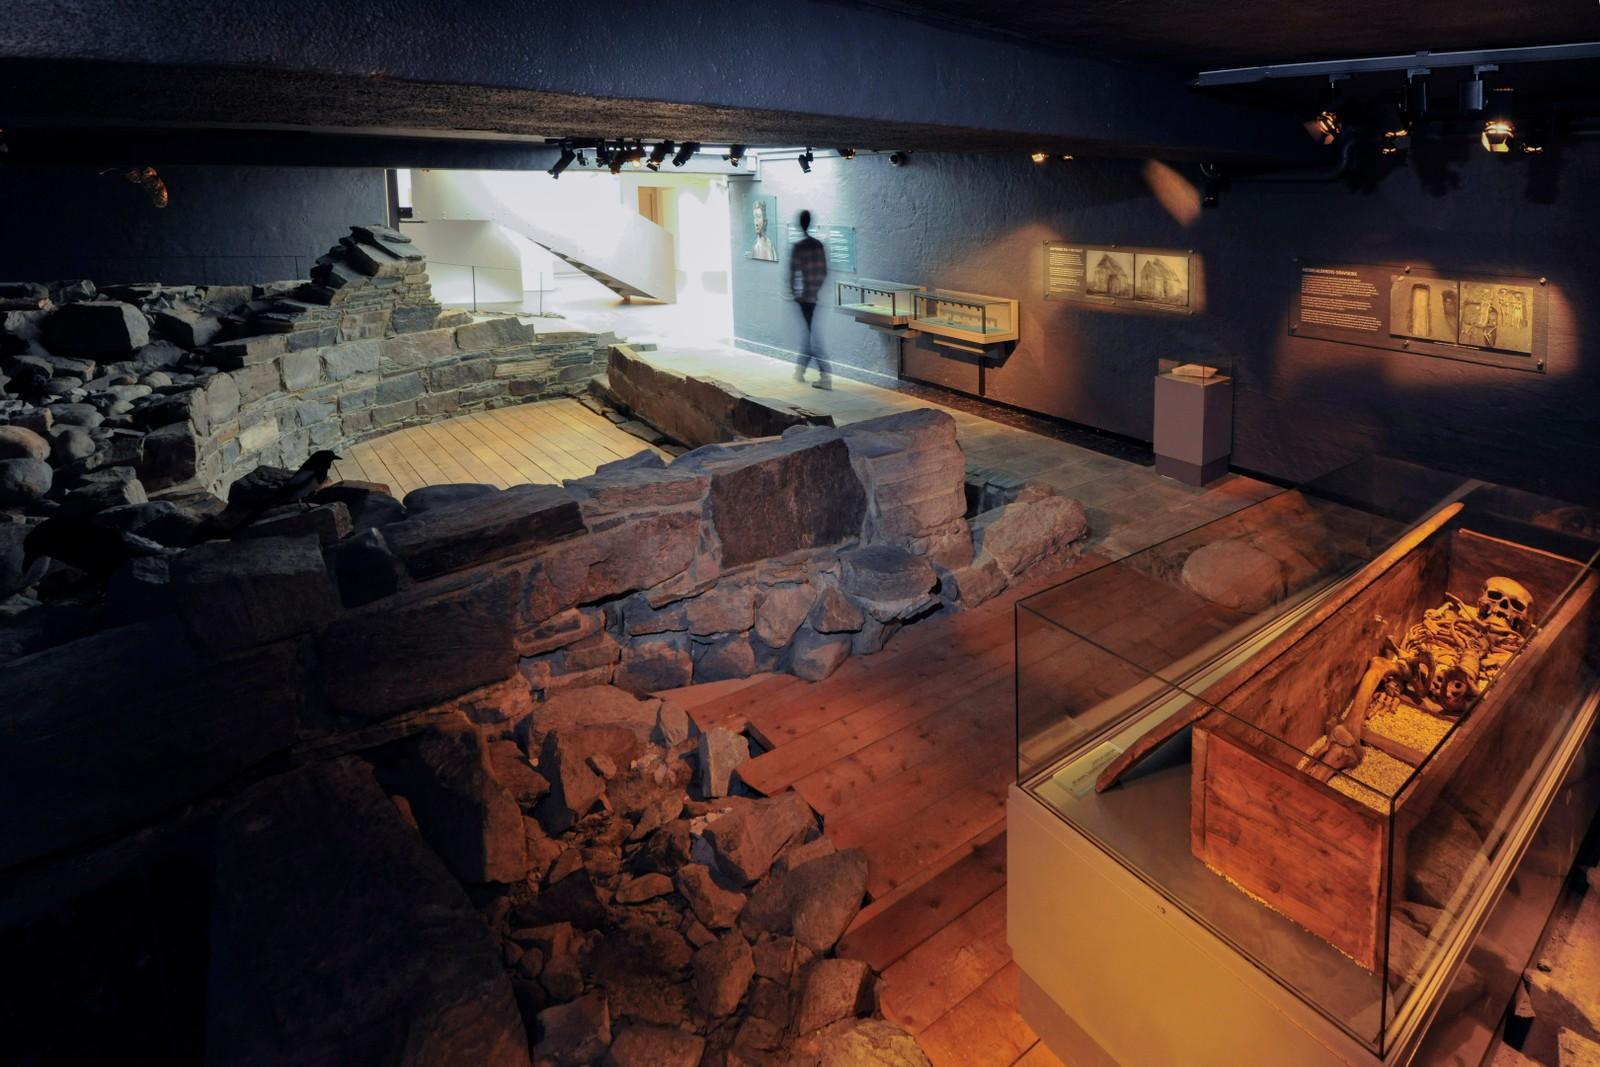 Ruinen av en steinkirke under Sparebank 1 Midt-Norge, rett over gata for Folkebiblioteket, kan derimot være Olavskirka. I 1970-1971 avdekket arkeologiske utgravinger i Søndre gate spor etter menneskelig aktivitet fra 900-tallet og utover. Det mest oppsiktsvekkende funnet var ruinen av ei steinkirke fra ca. 1160 som var i bruk inntil den brant ned en gang mellom 1430 og 1531. Under kirkeruinen ble det funnet rester av en trebygning fra første halvdel av 1000-tallet, og denne trebygningen kan være rester etter den eldste Olavskirken. Tidligere mente en at ruinene i bankens kjeller var rester etter Gregoriuskirken, men nyere tolkninger tyder altså på at det var her St. Olavs lik ble oppbevart den første natten etter at han var blitt fraktet fra Stiklestad.